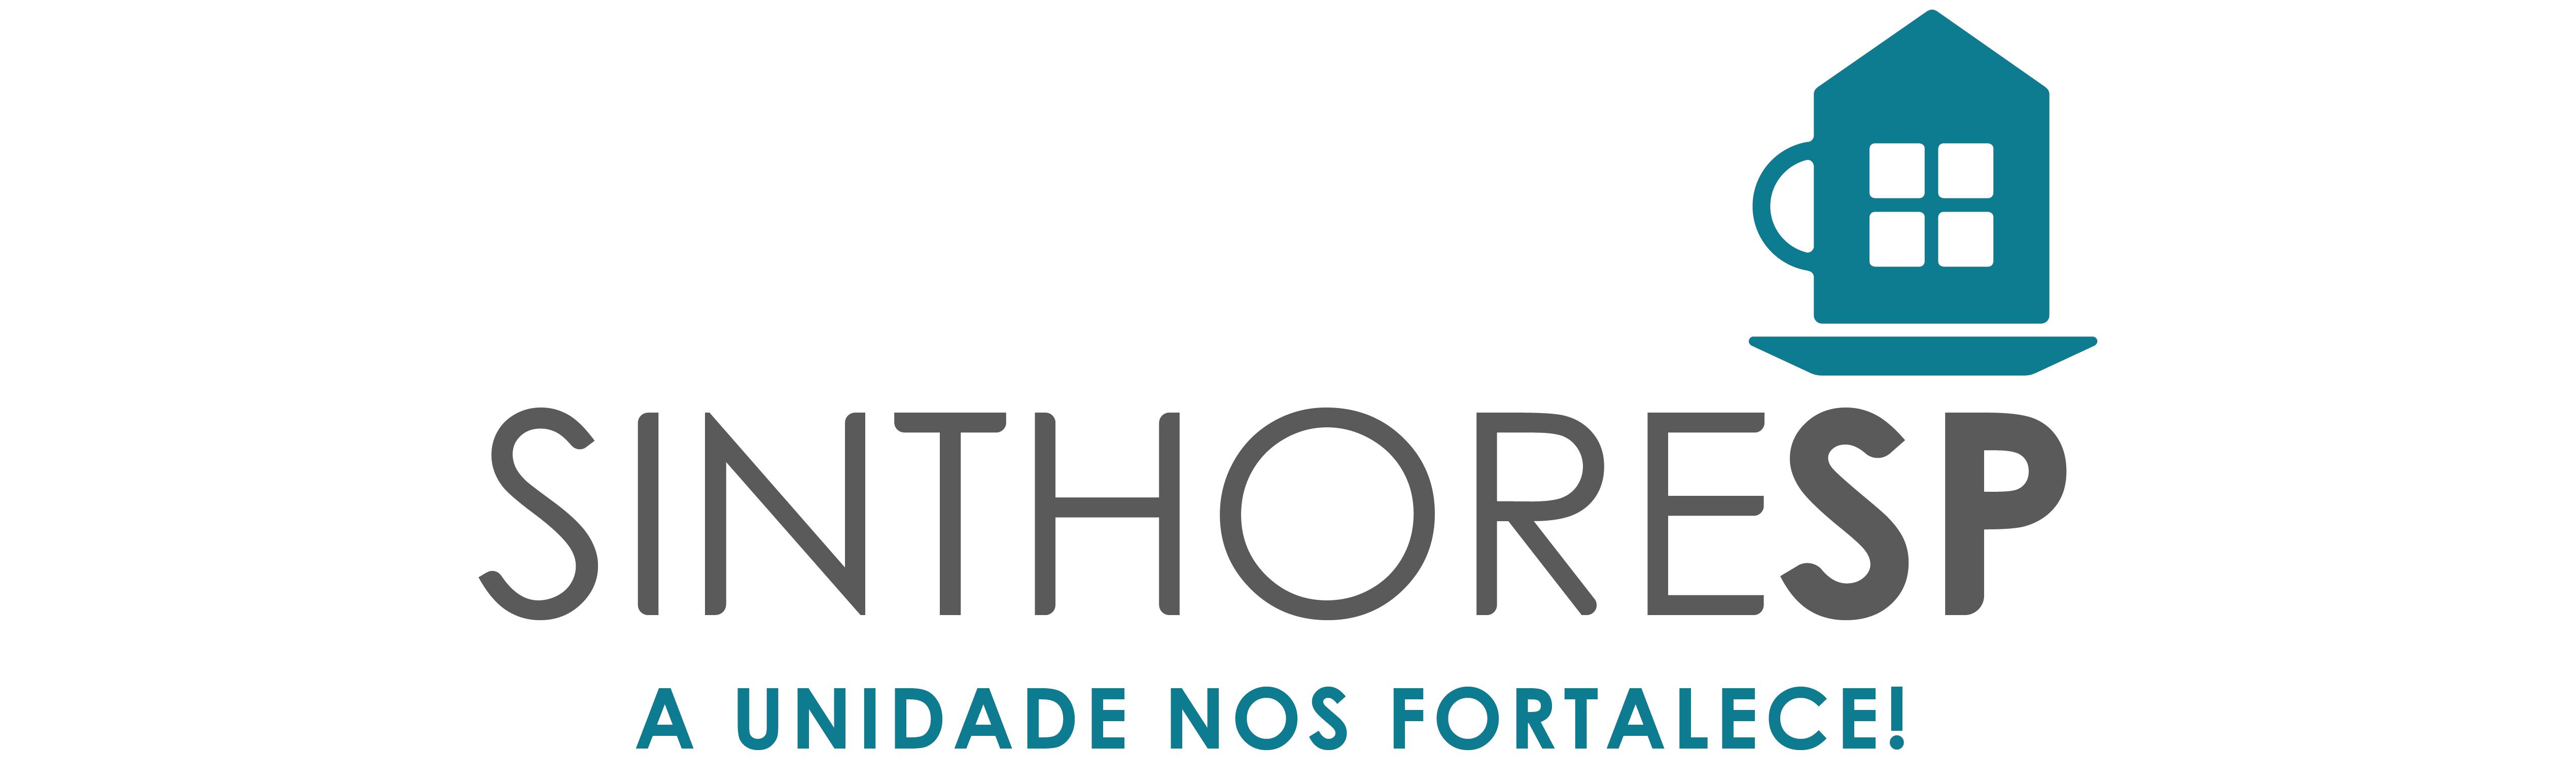 https://sinthoresp.com.br/site/